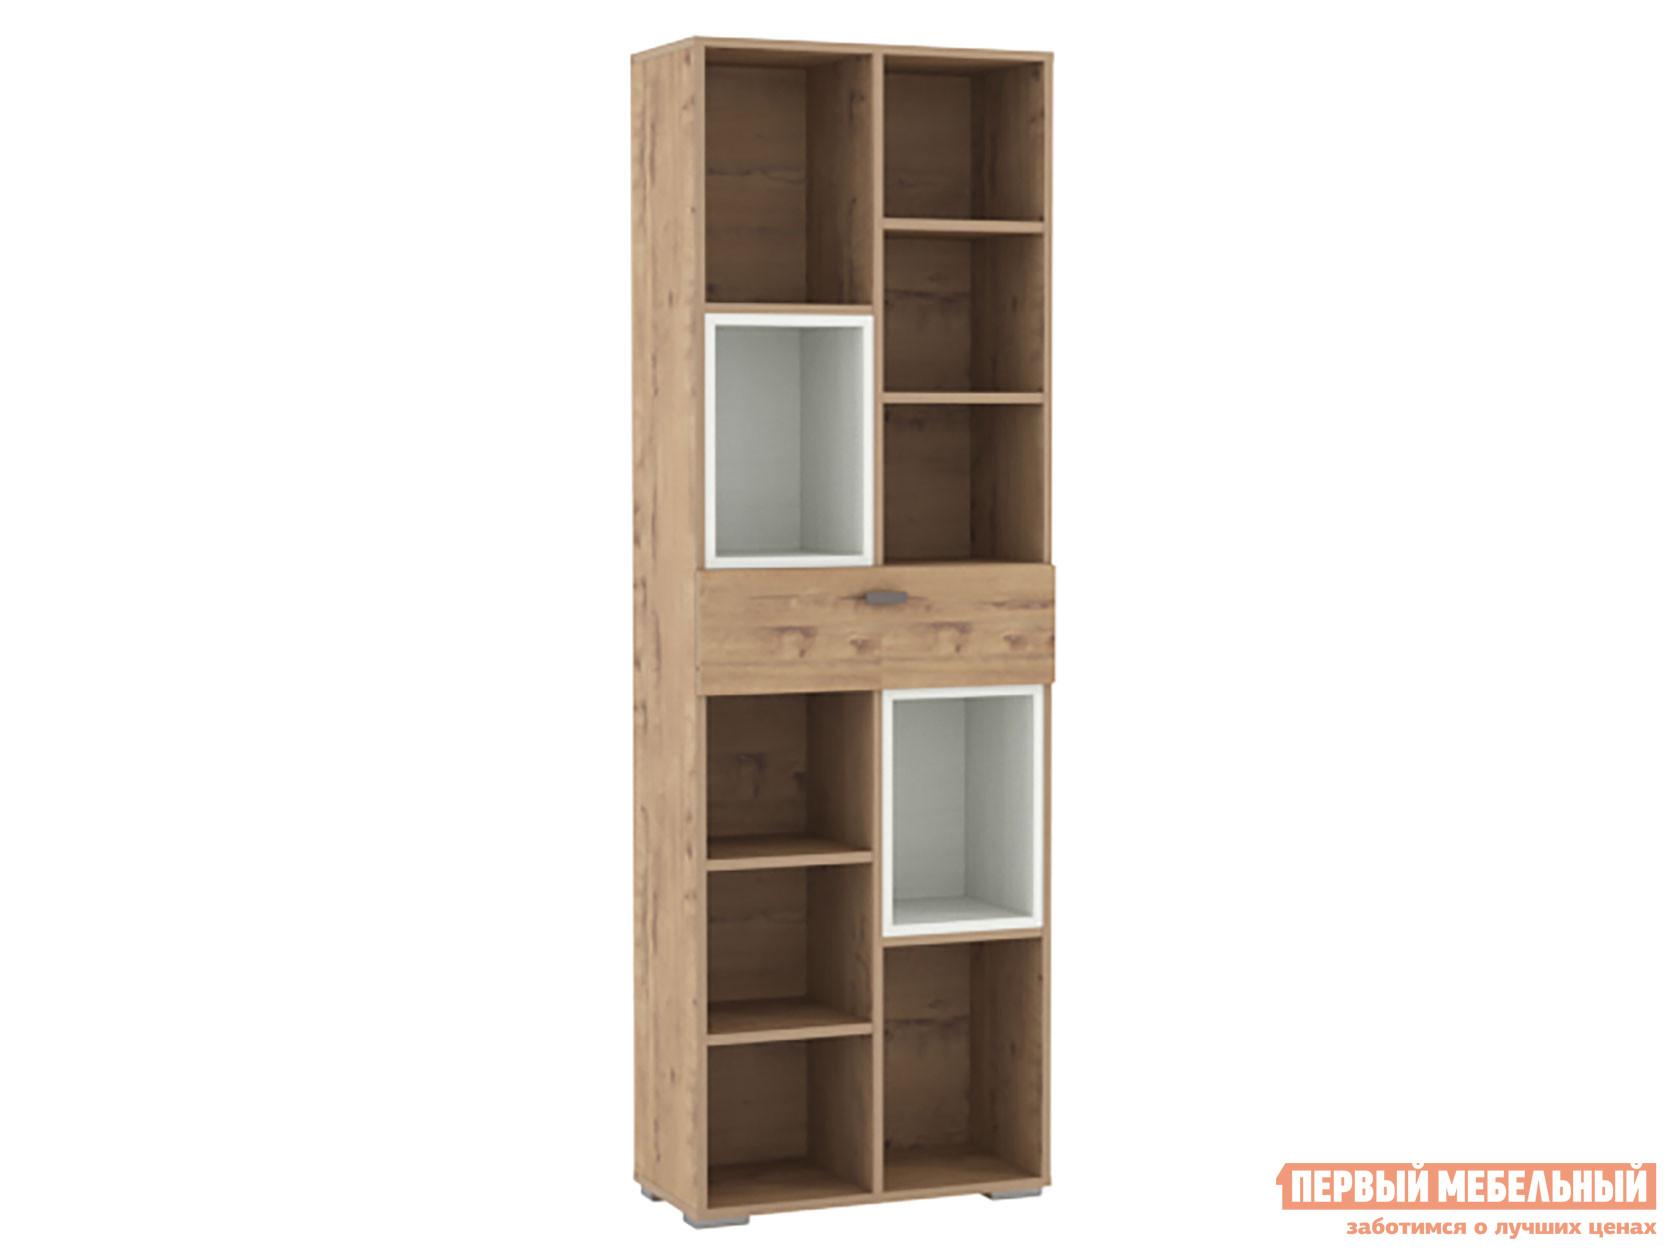 Стеллаж Первый Мебельный Стеллаж Сноу Вуд 011.94